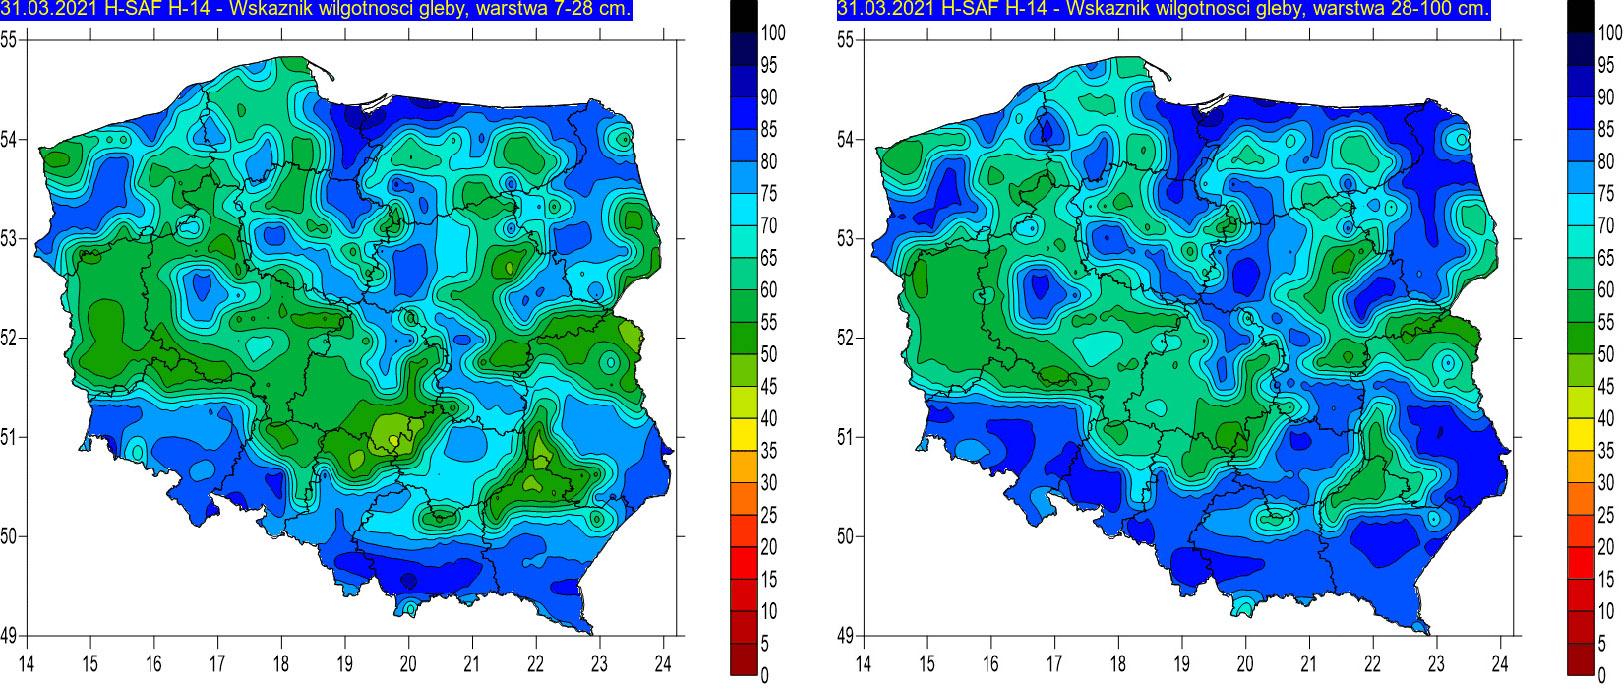 Wskaźnik wilgotności gleby na głębokości 7-28 cm (lewa grafika) i 28-100 cm (prawa grafika) w dniu 31 marca 2021 r. na podstawie obrazów satelitarnych.